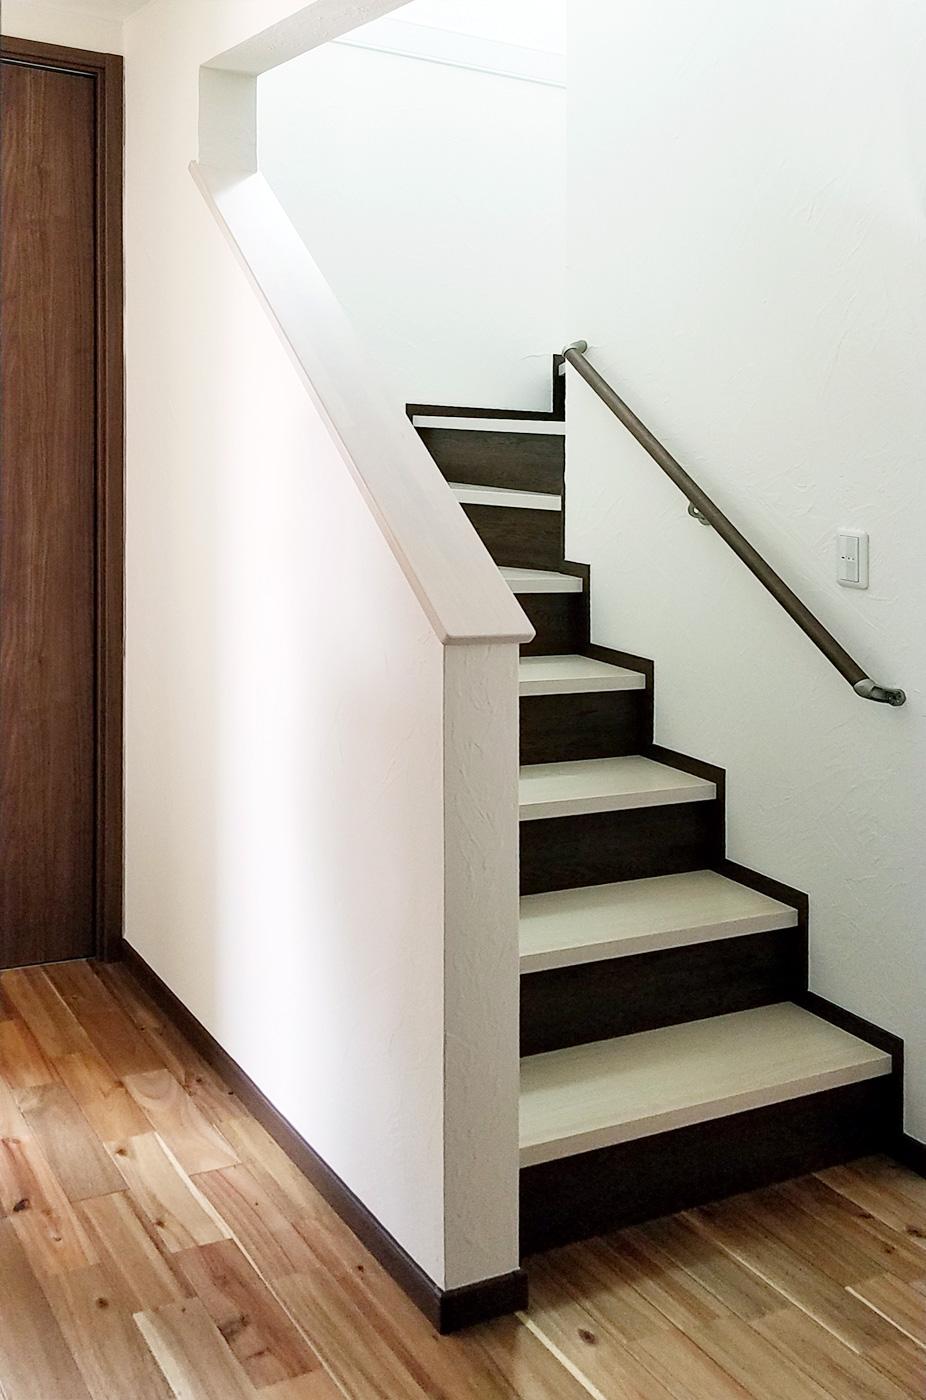 階段はホワイト系とダーク系の色を使い2階から降りるときは白い階段になるように仕上げました。